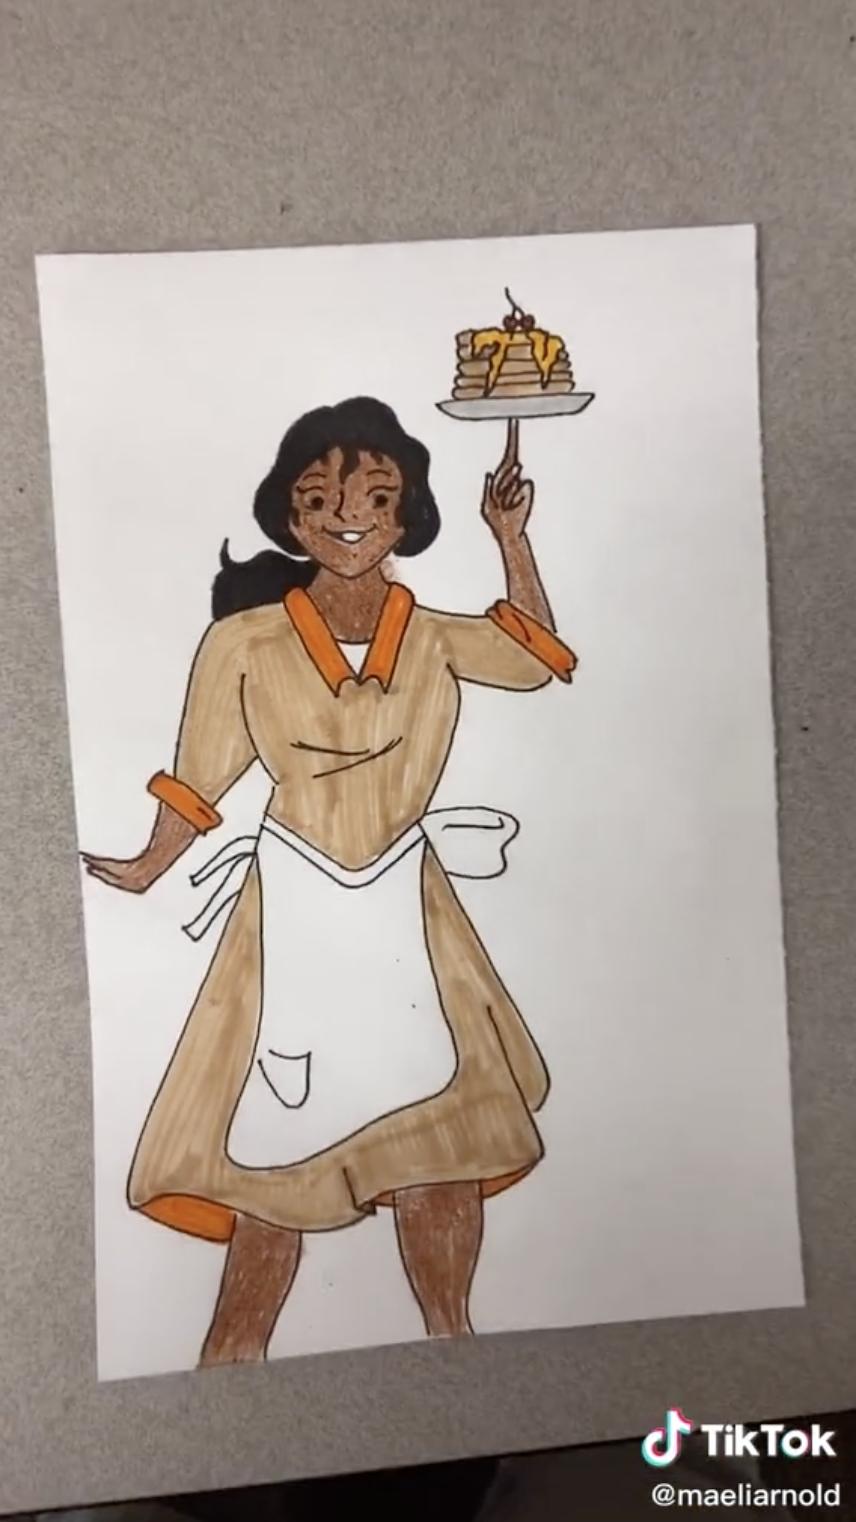 Scooby Doo Velma as Tatiana.